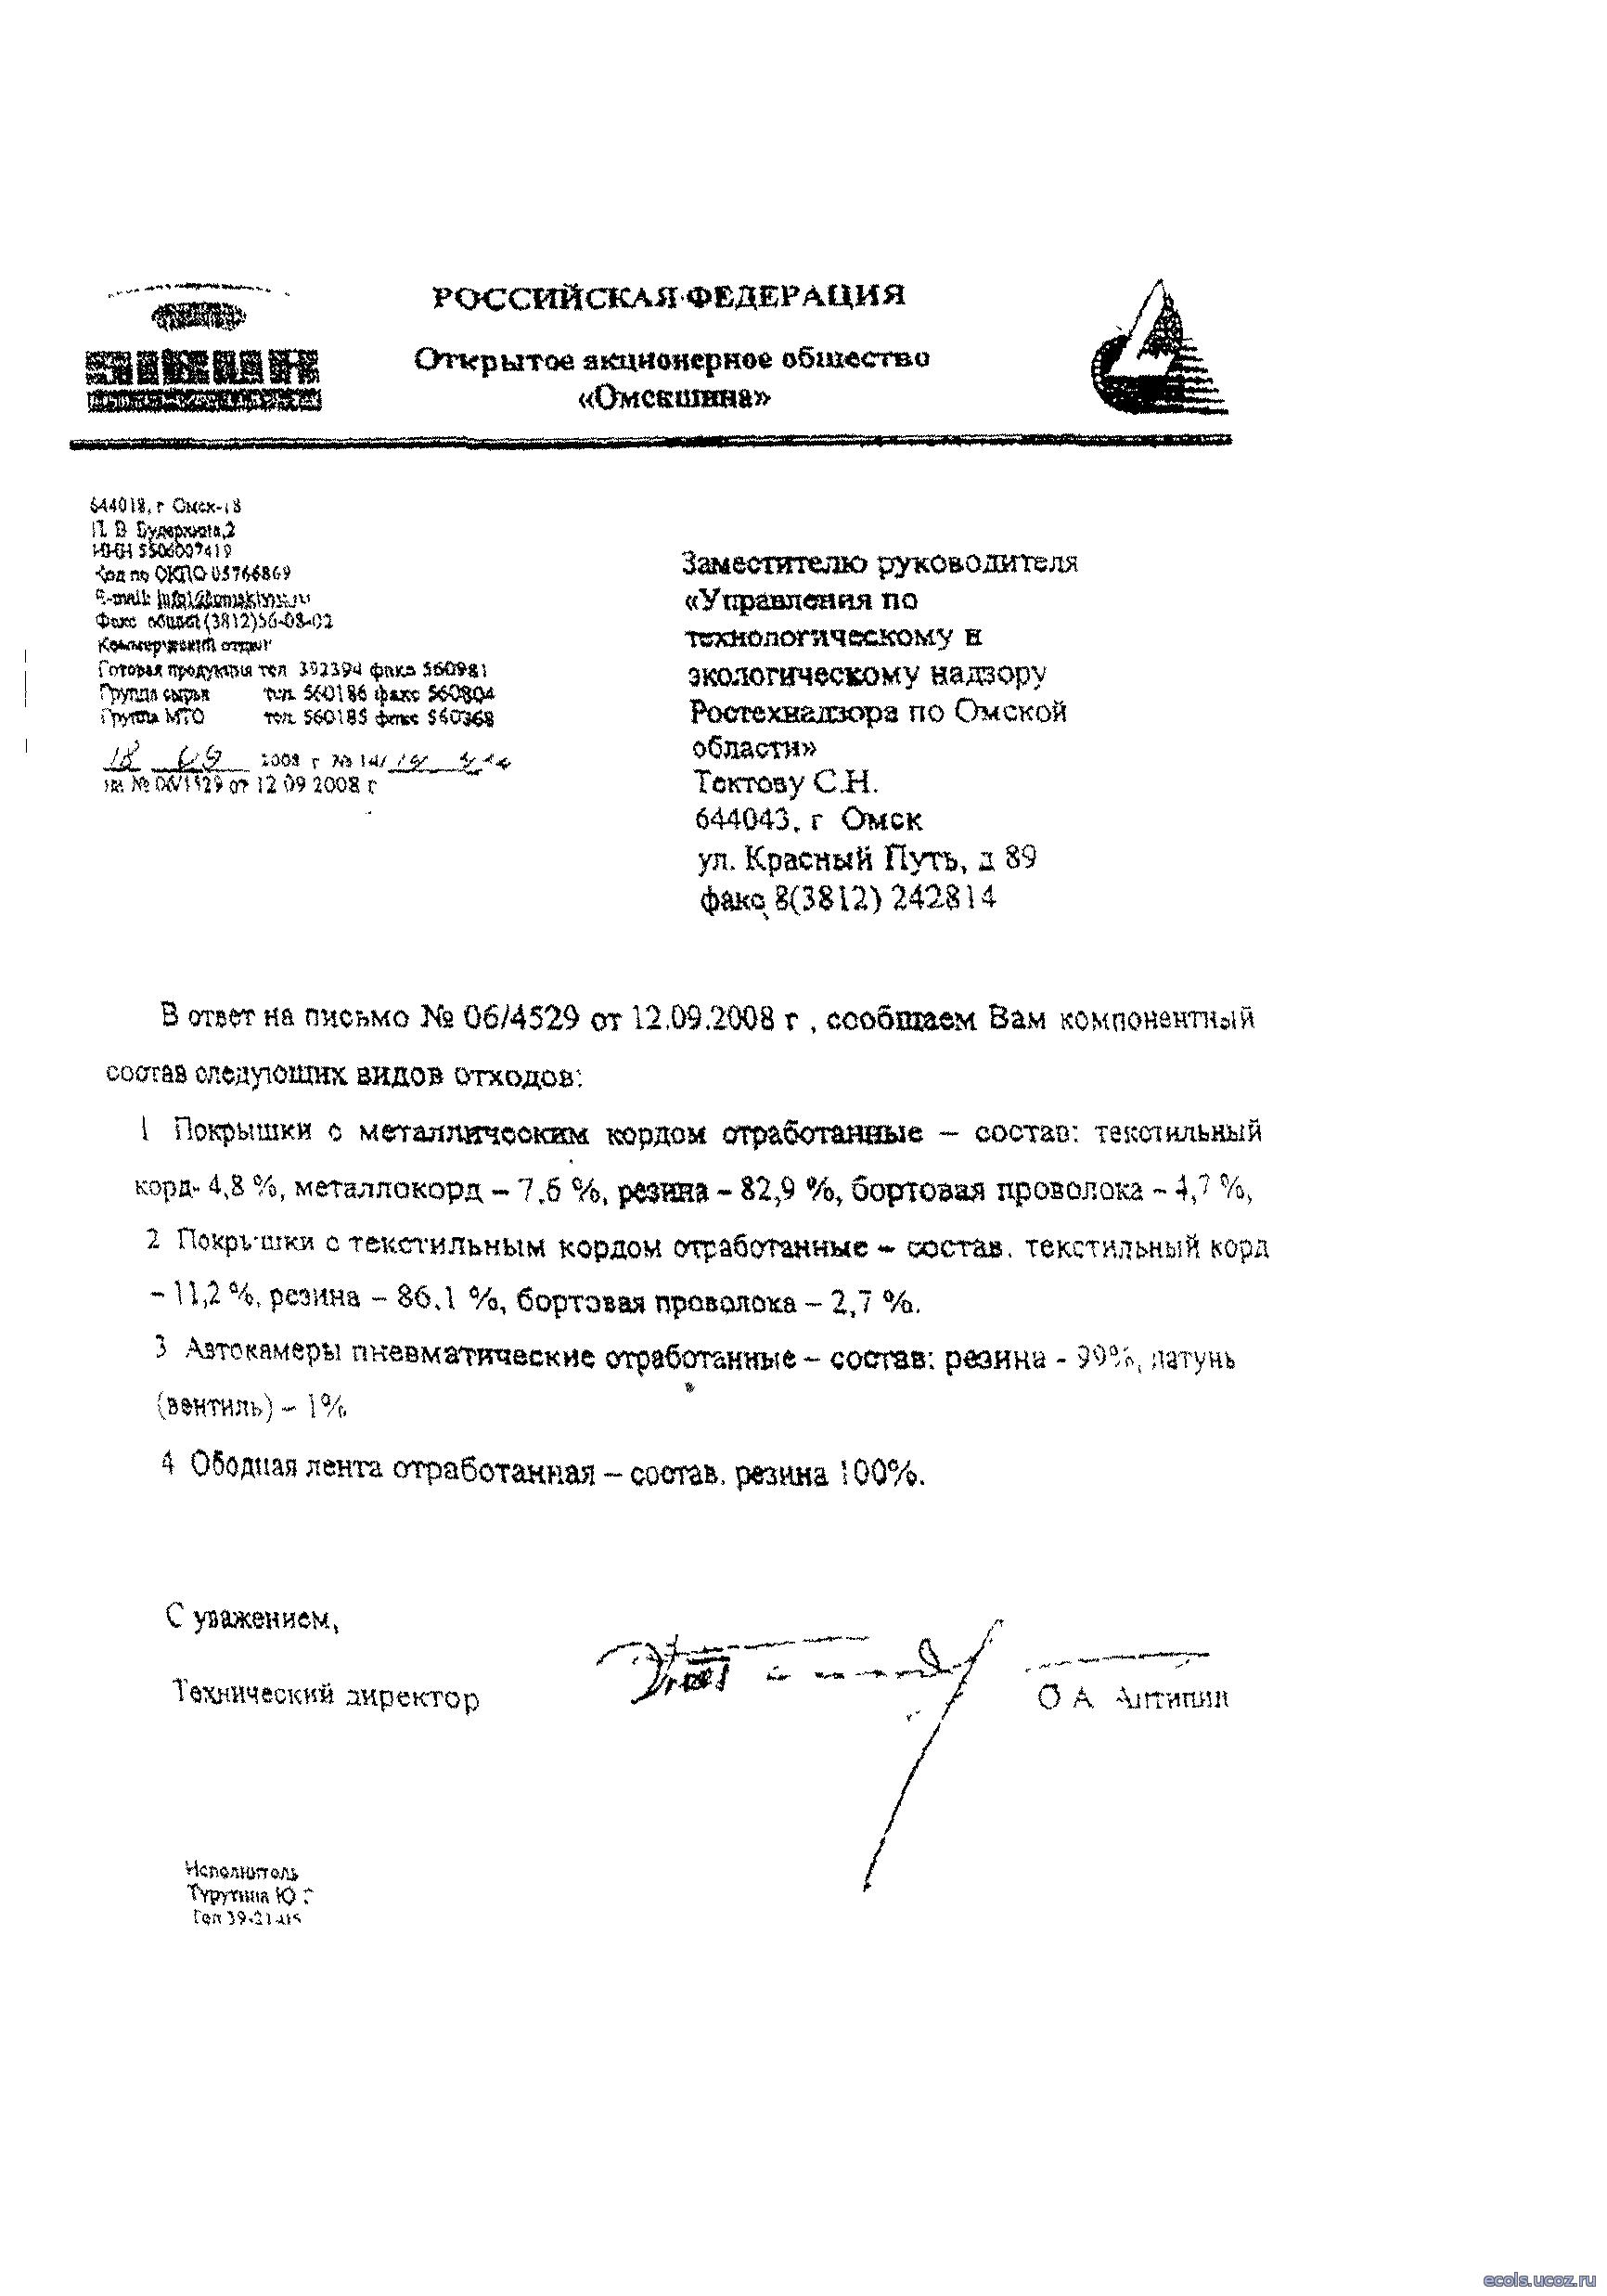 Письмо Омскшина о компонетном составе отходов покрышек